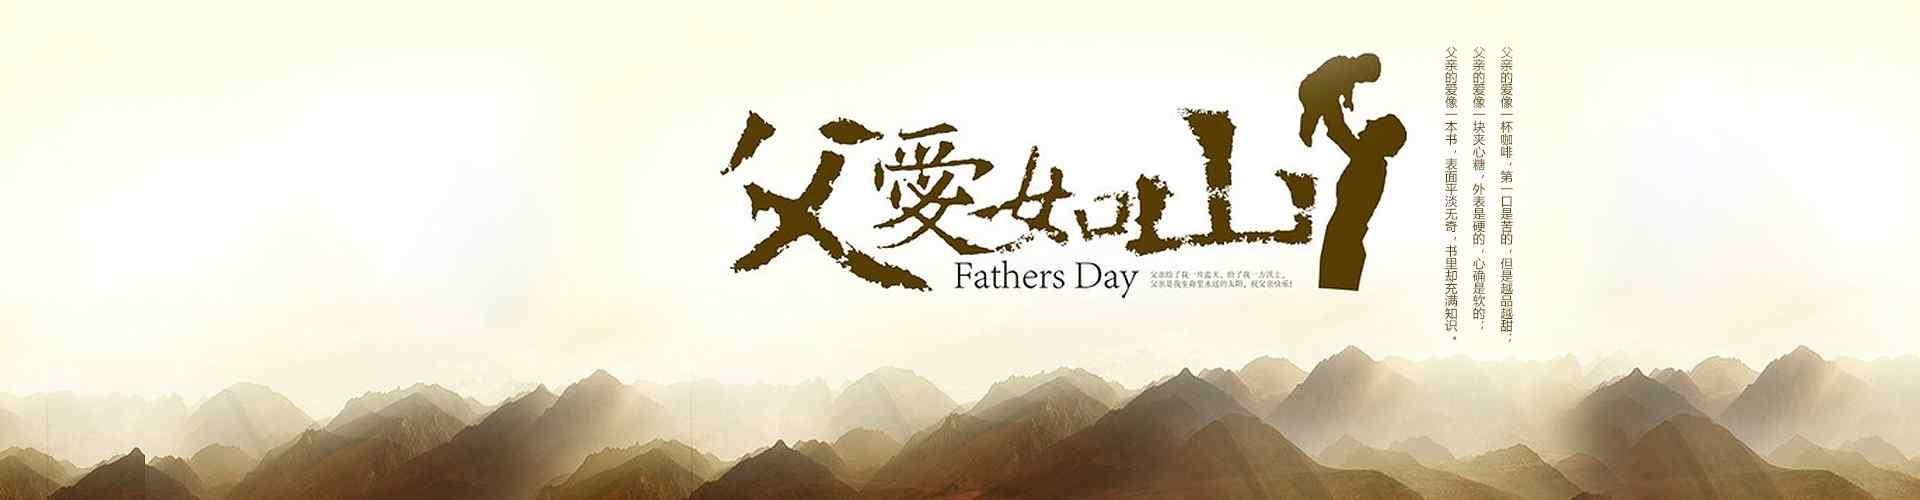 2017年父亲节_父亲节图片壁纸_爸爸我爱你_618父亲节图片_节日图片大全